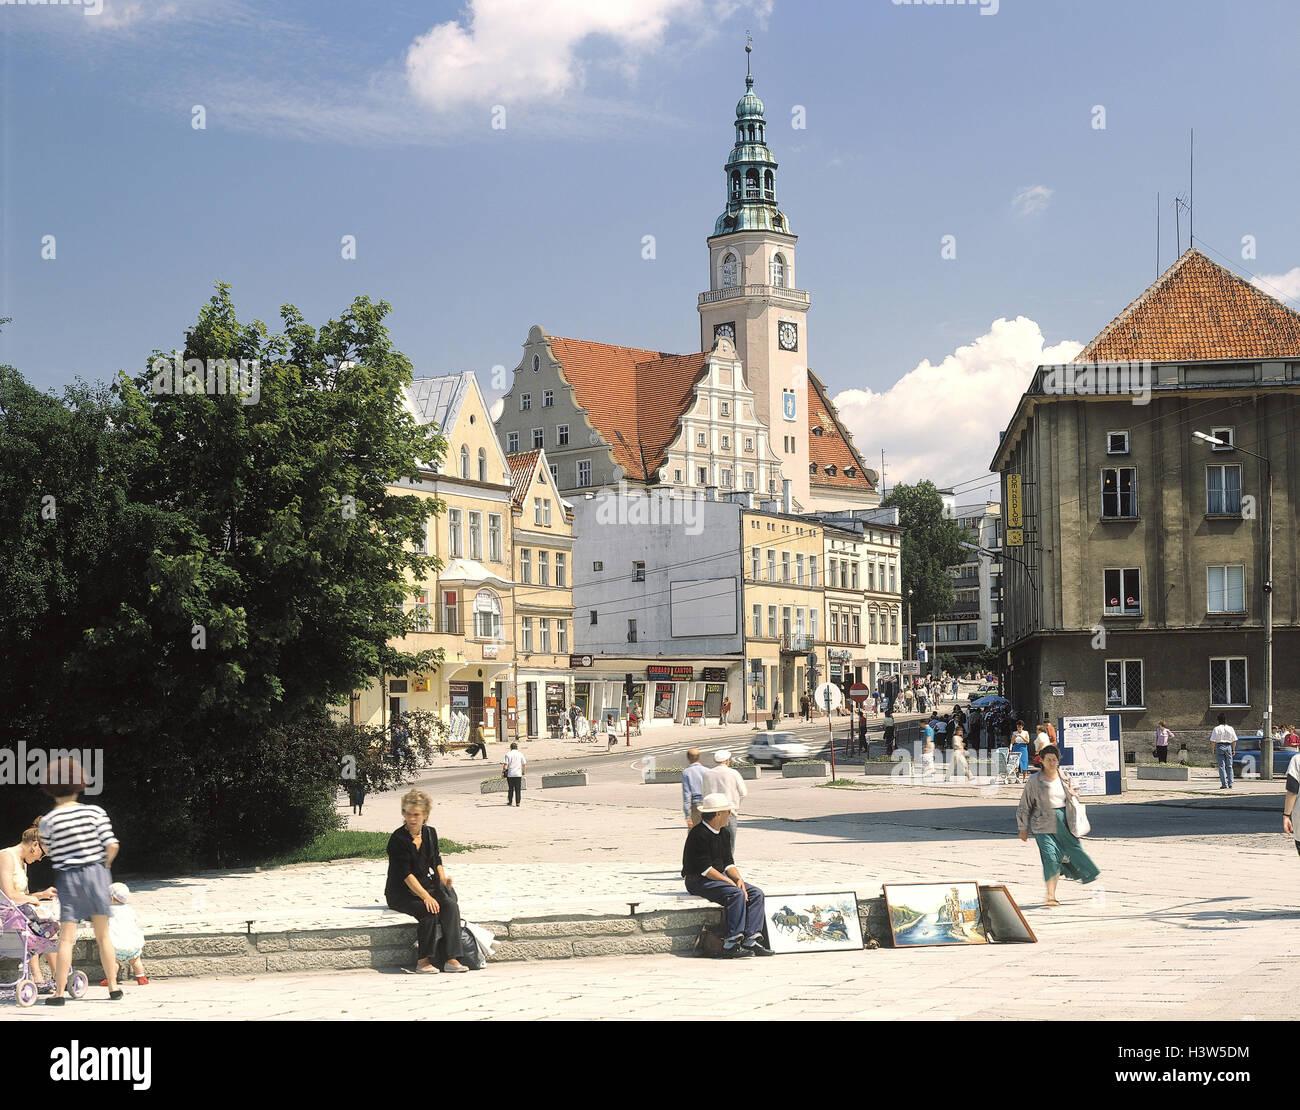 Poland, Masuria, Allenstein, town view, city hall, marketplace, passer-by Europe, Rzeczpospolita Polska, north-east - Stock Image